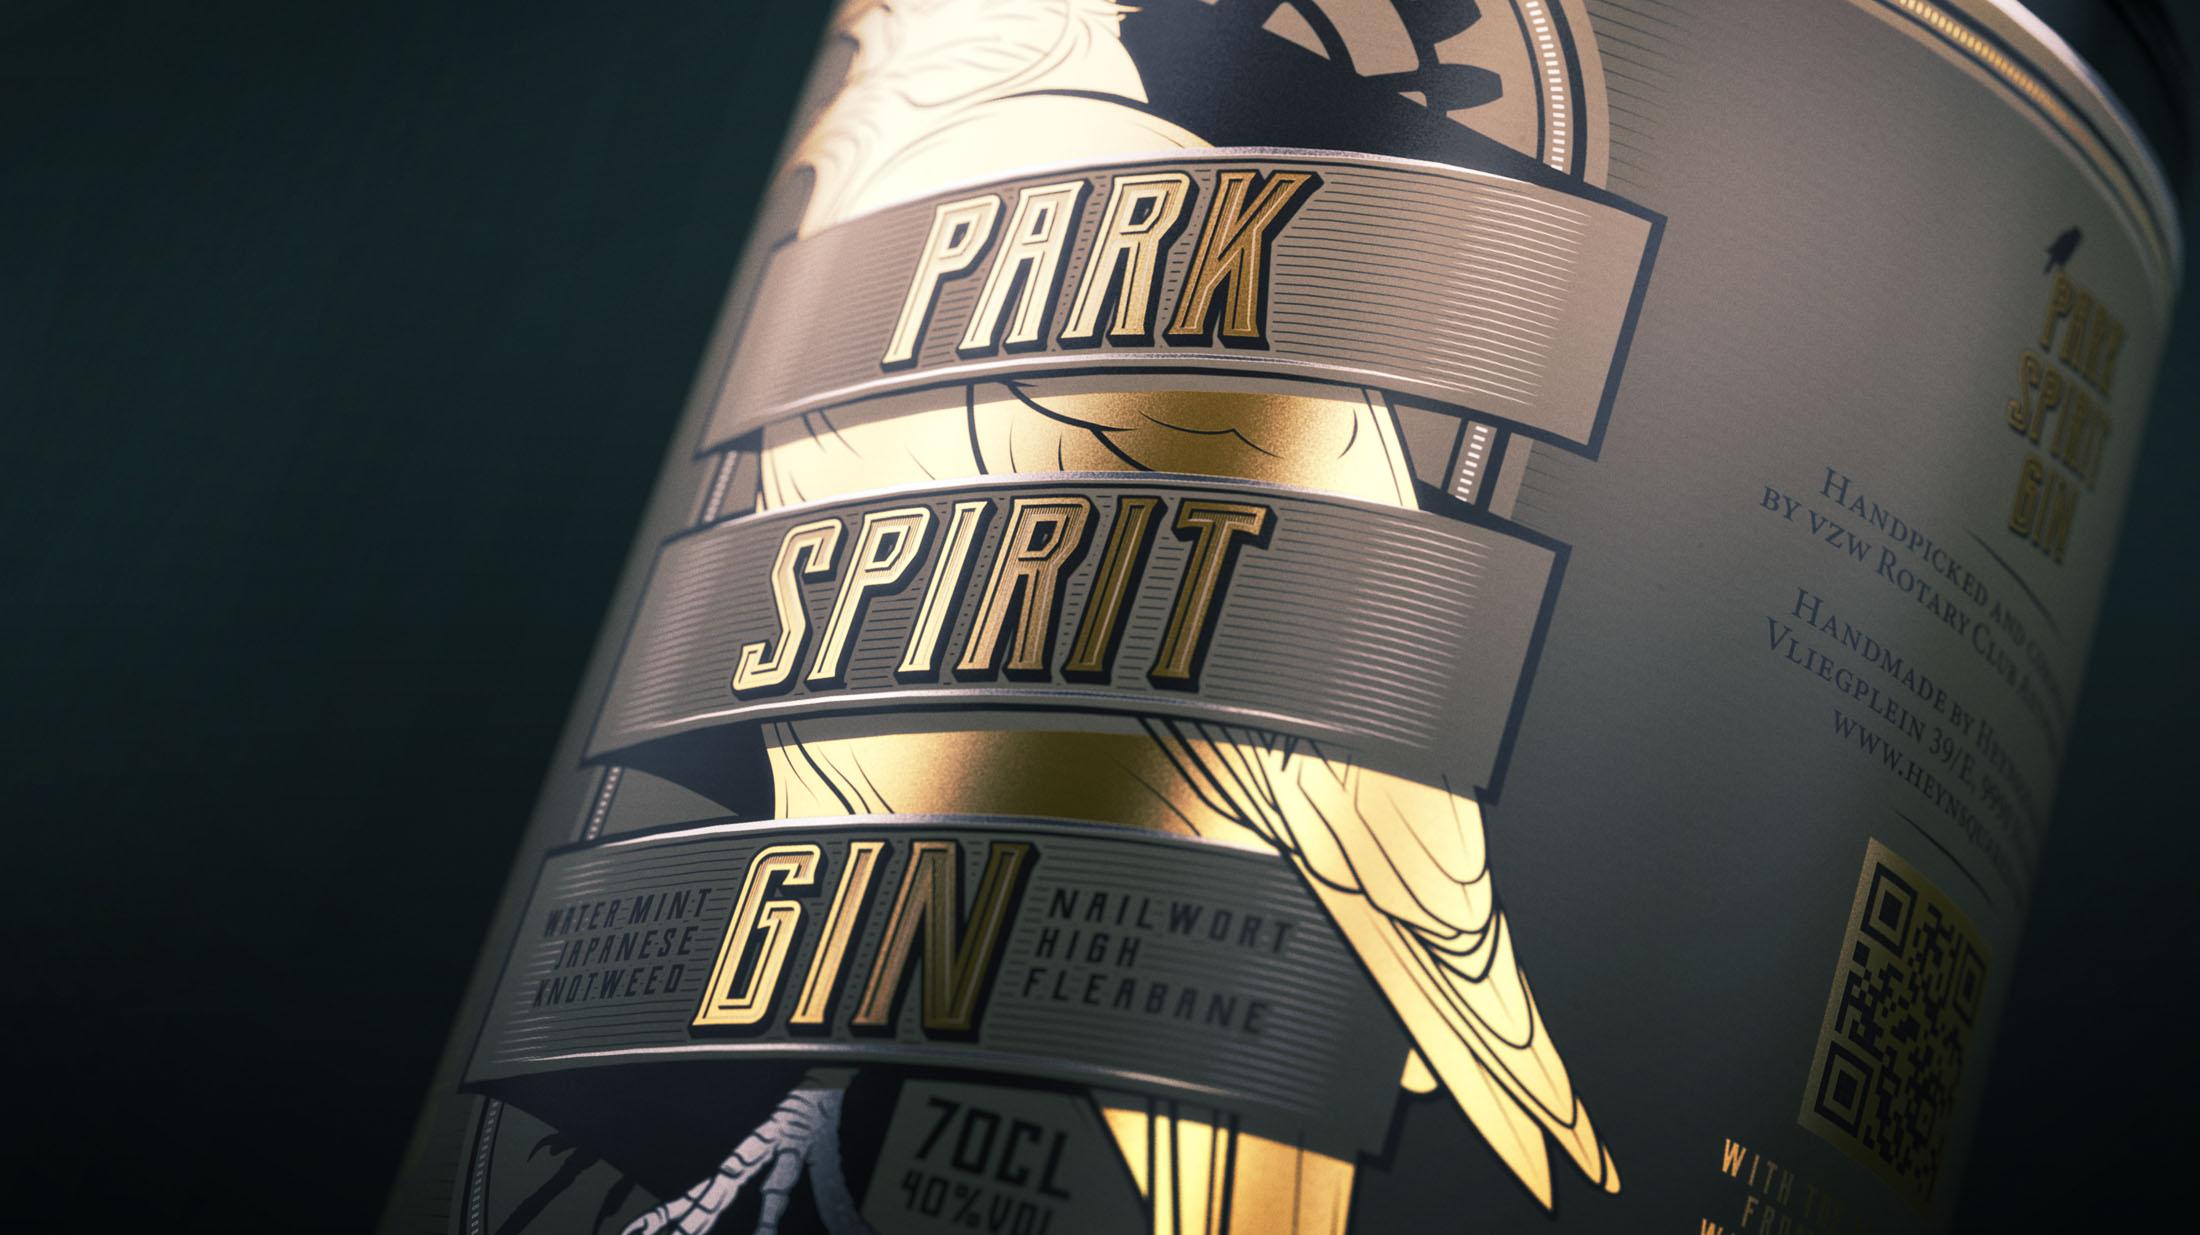 ParkSpiritGin V03 - Park Spirit Gin